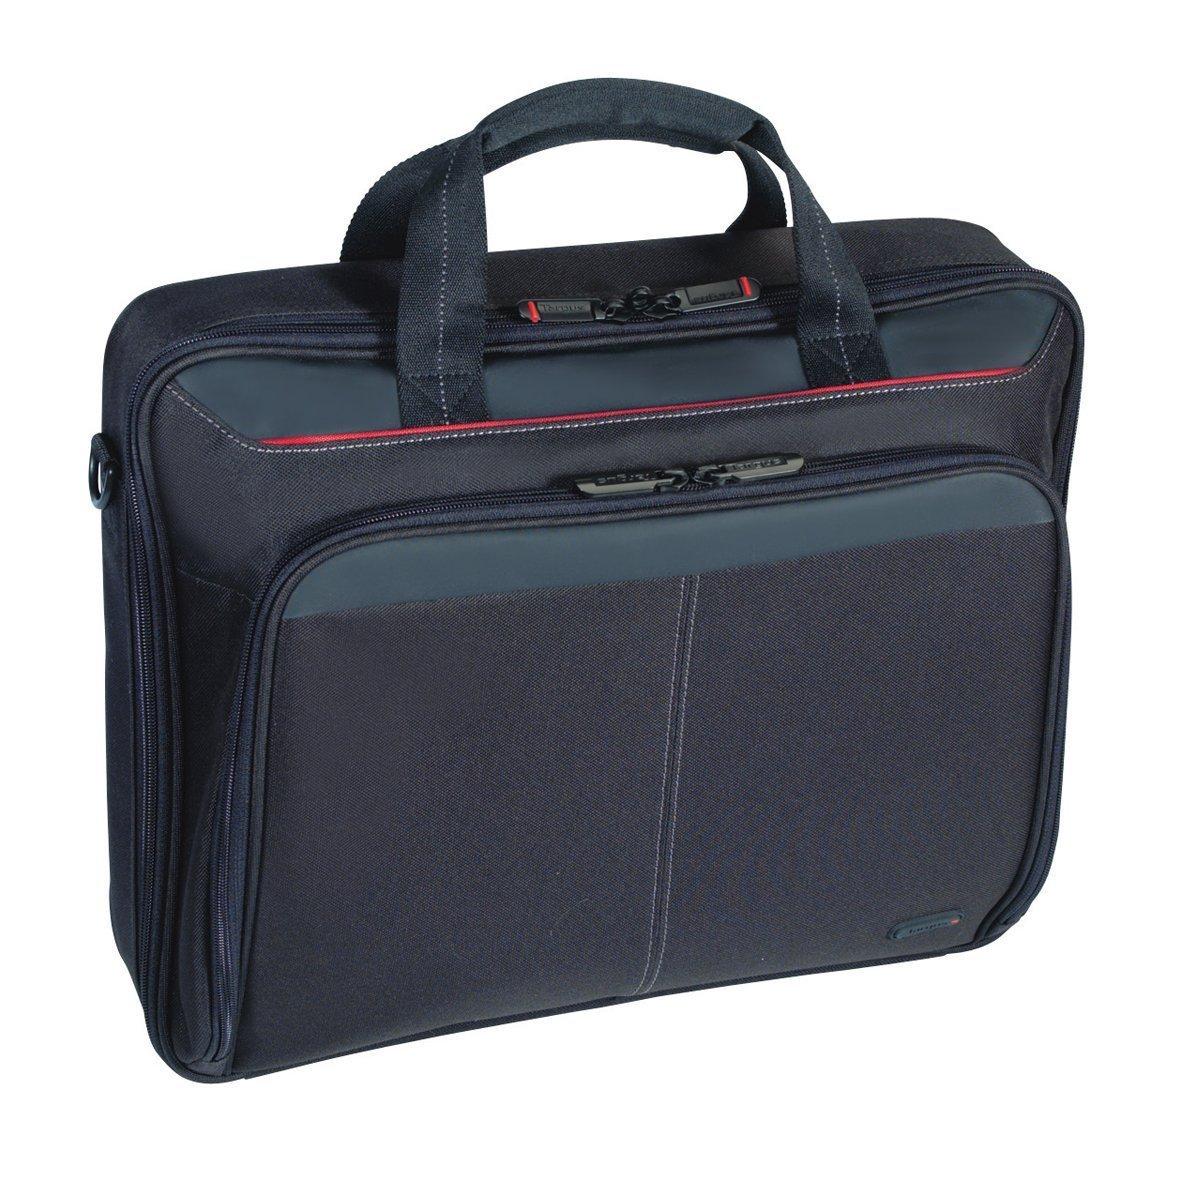 Targus sacoche ClamShell Plus noire pour ordinateur portable - 18 pouces